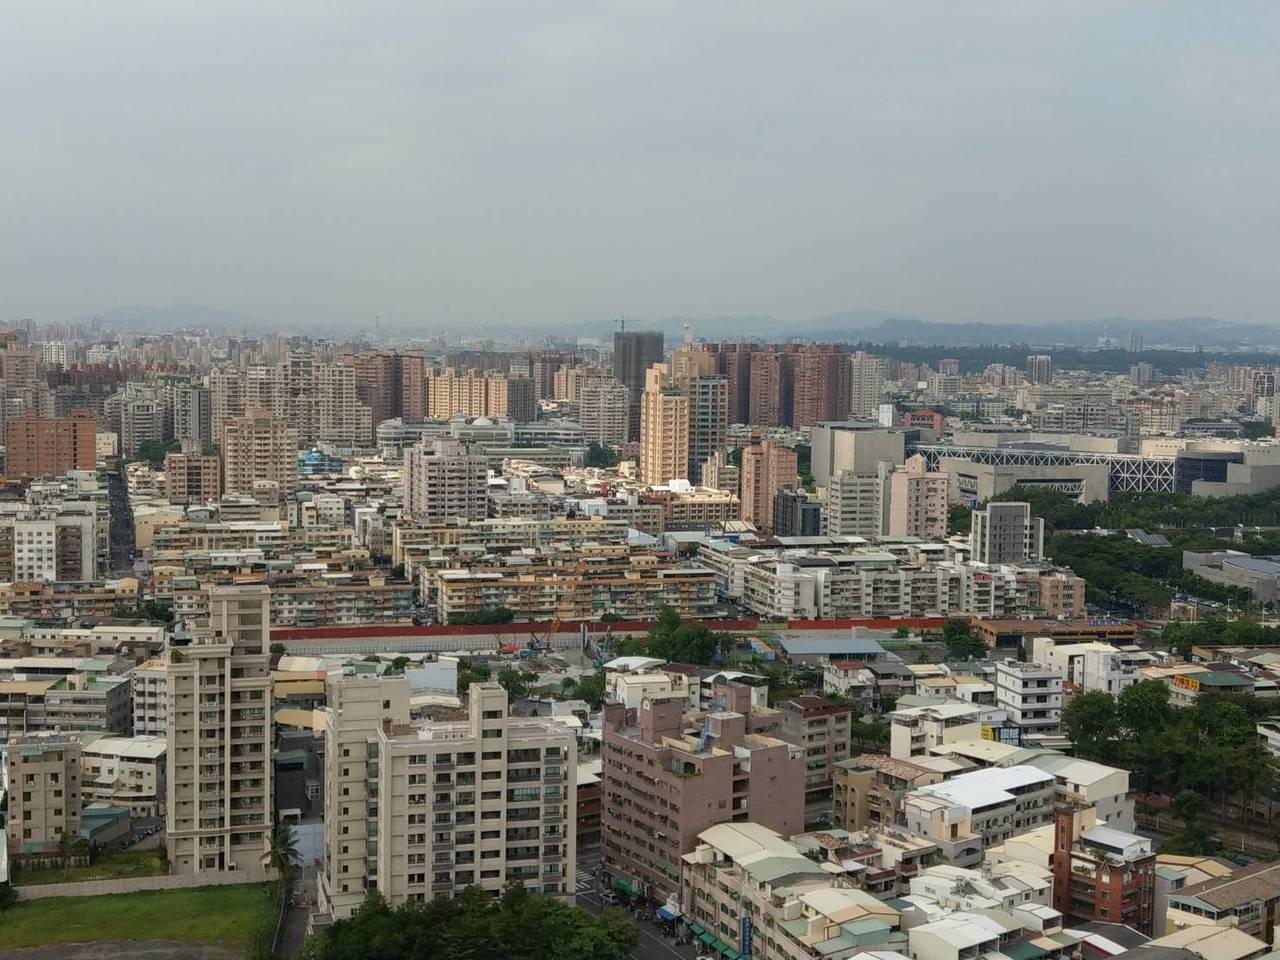 高雄市都發局說,目前高雄市規畫的住宅政策,是以市民「需求」為導向。因應市民就業、...